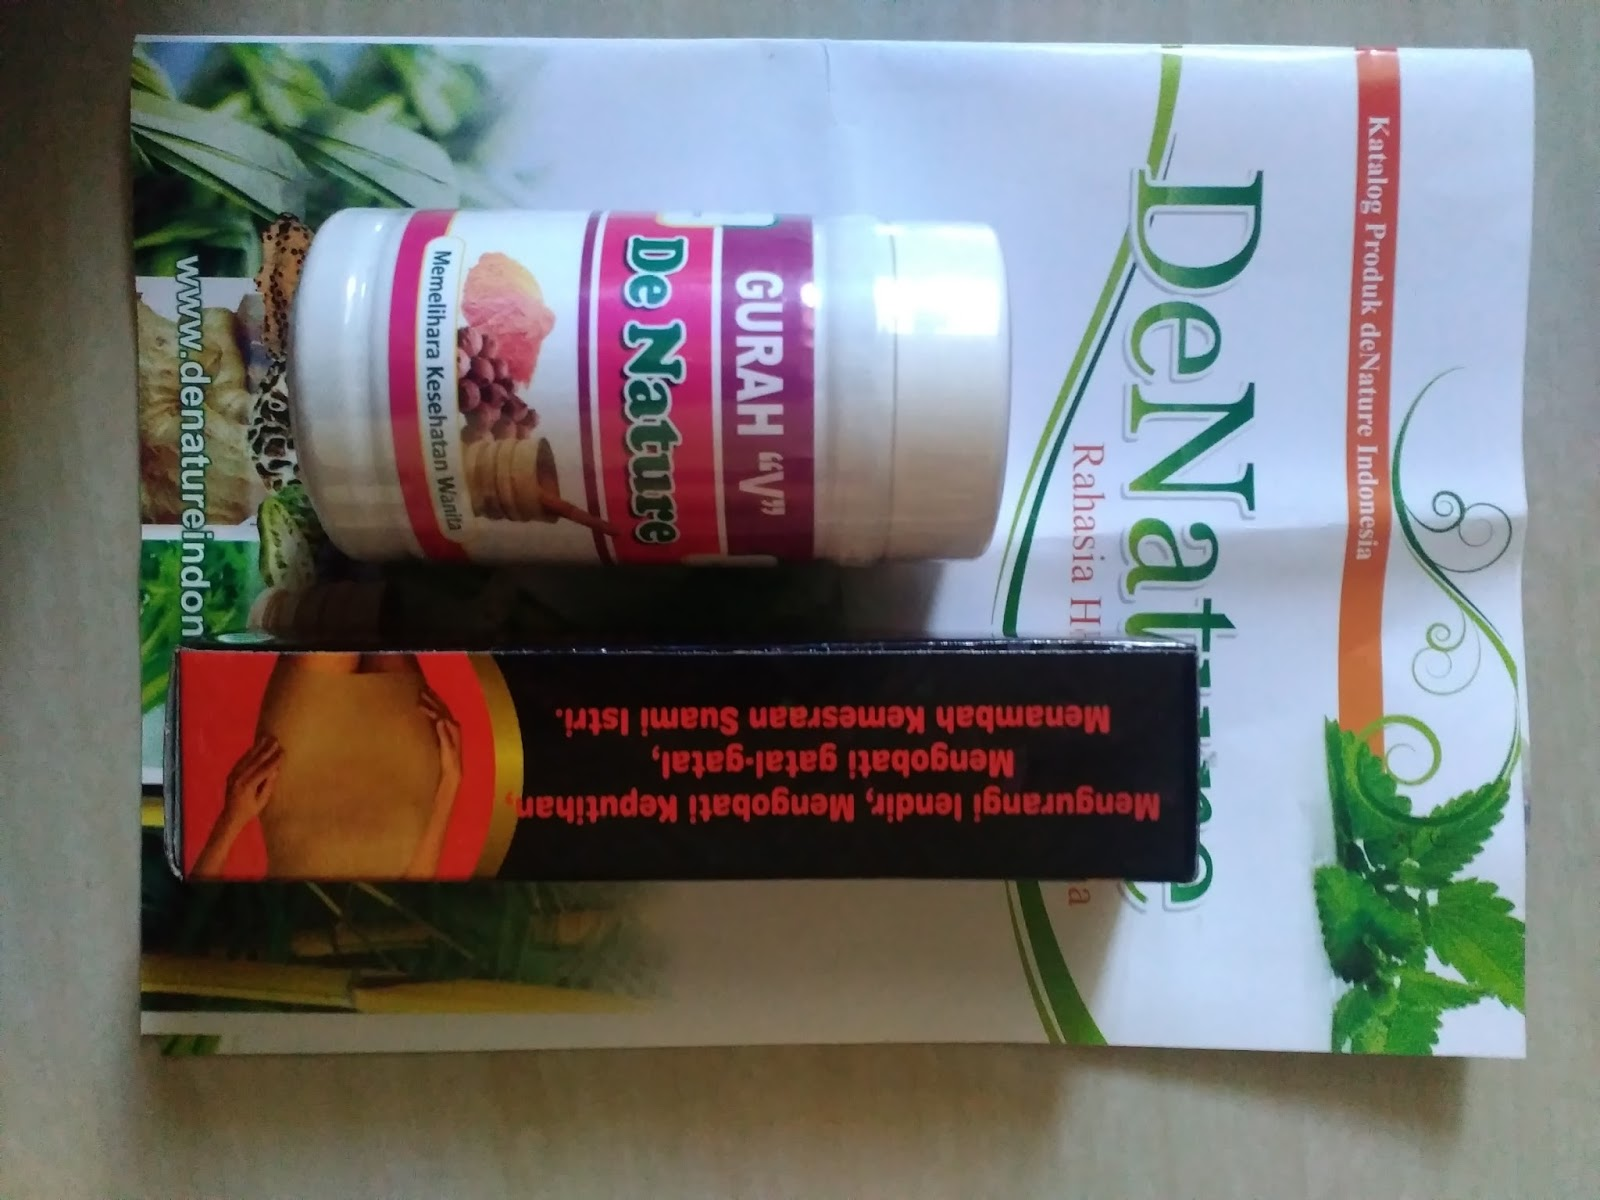 obat herbal menghilangkan bau keputihan